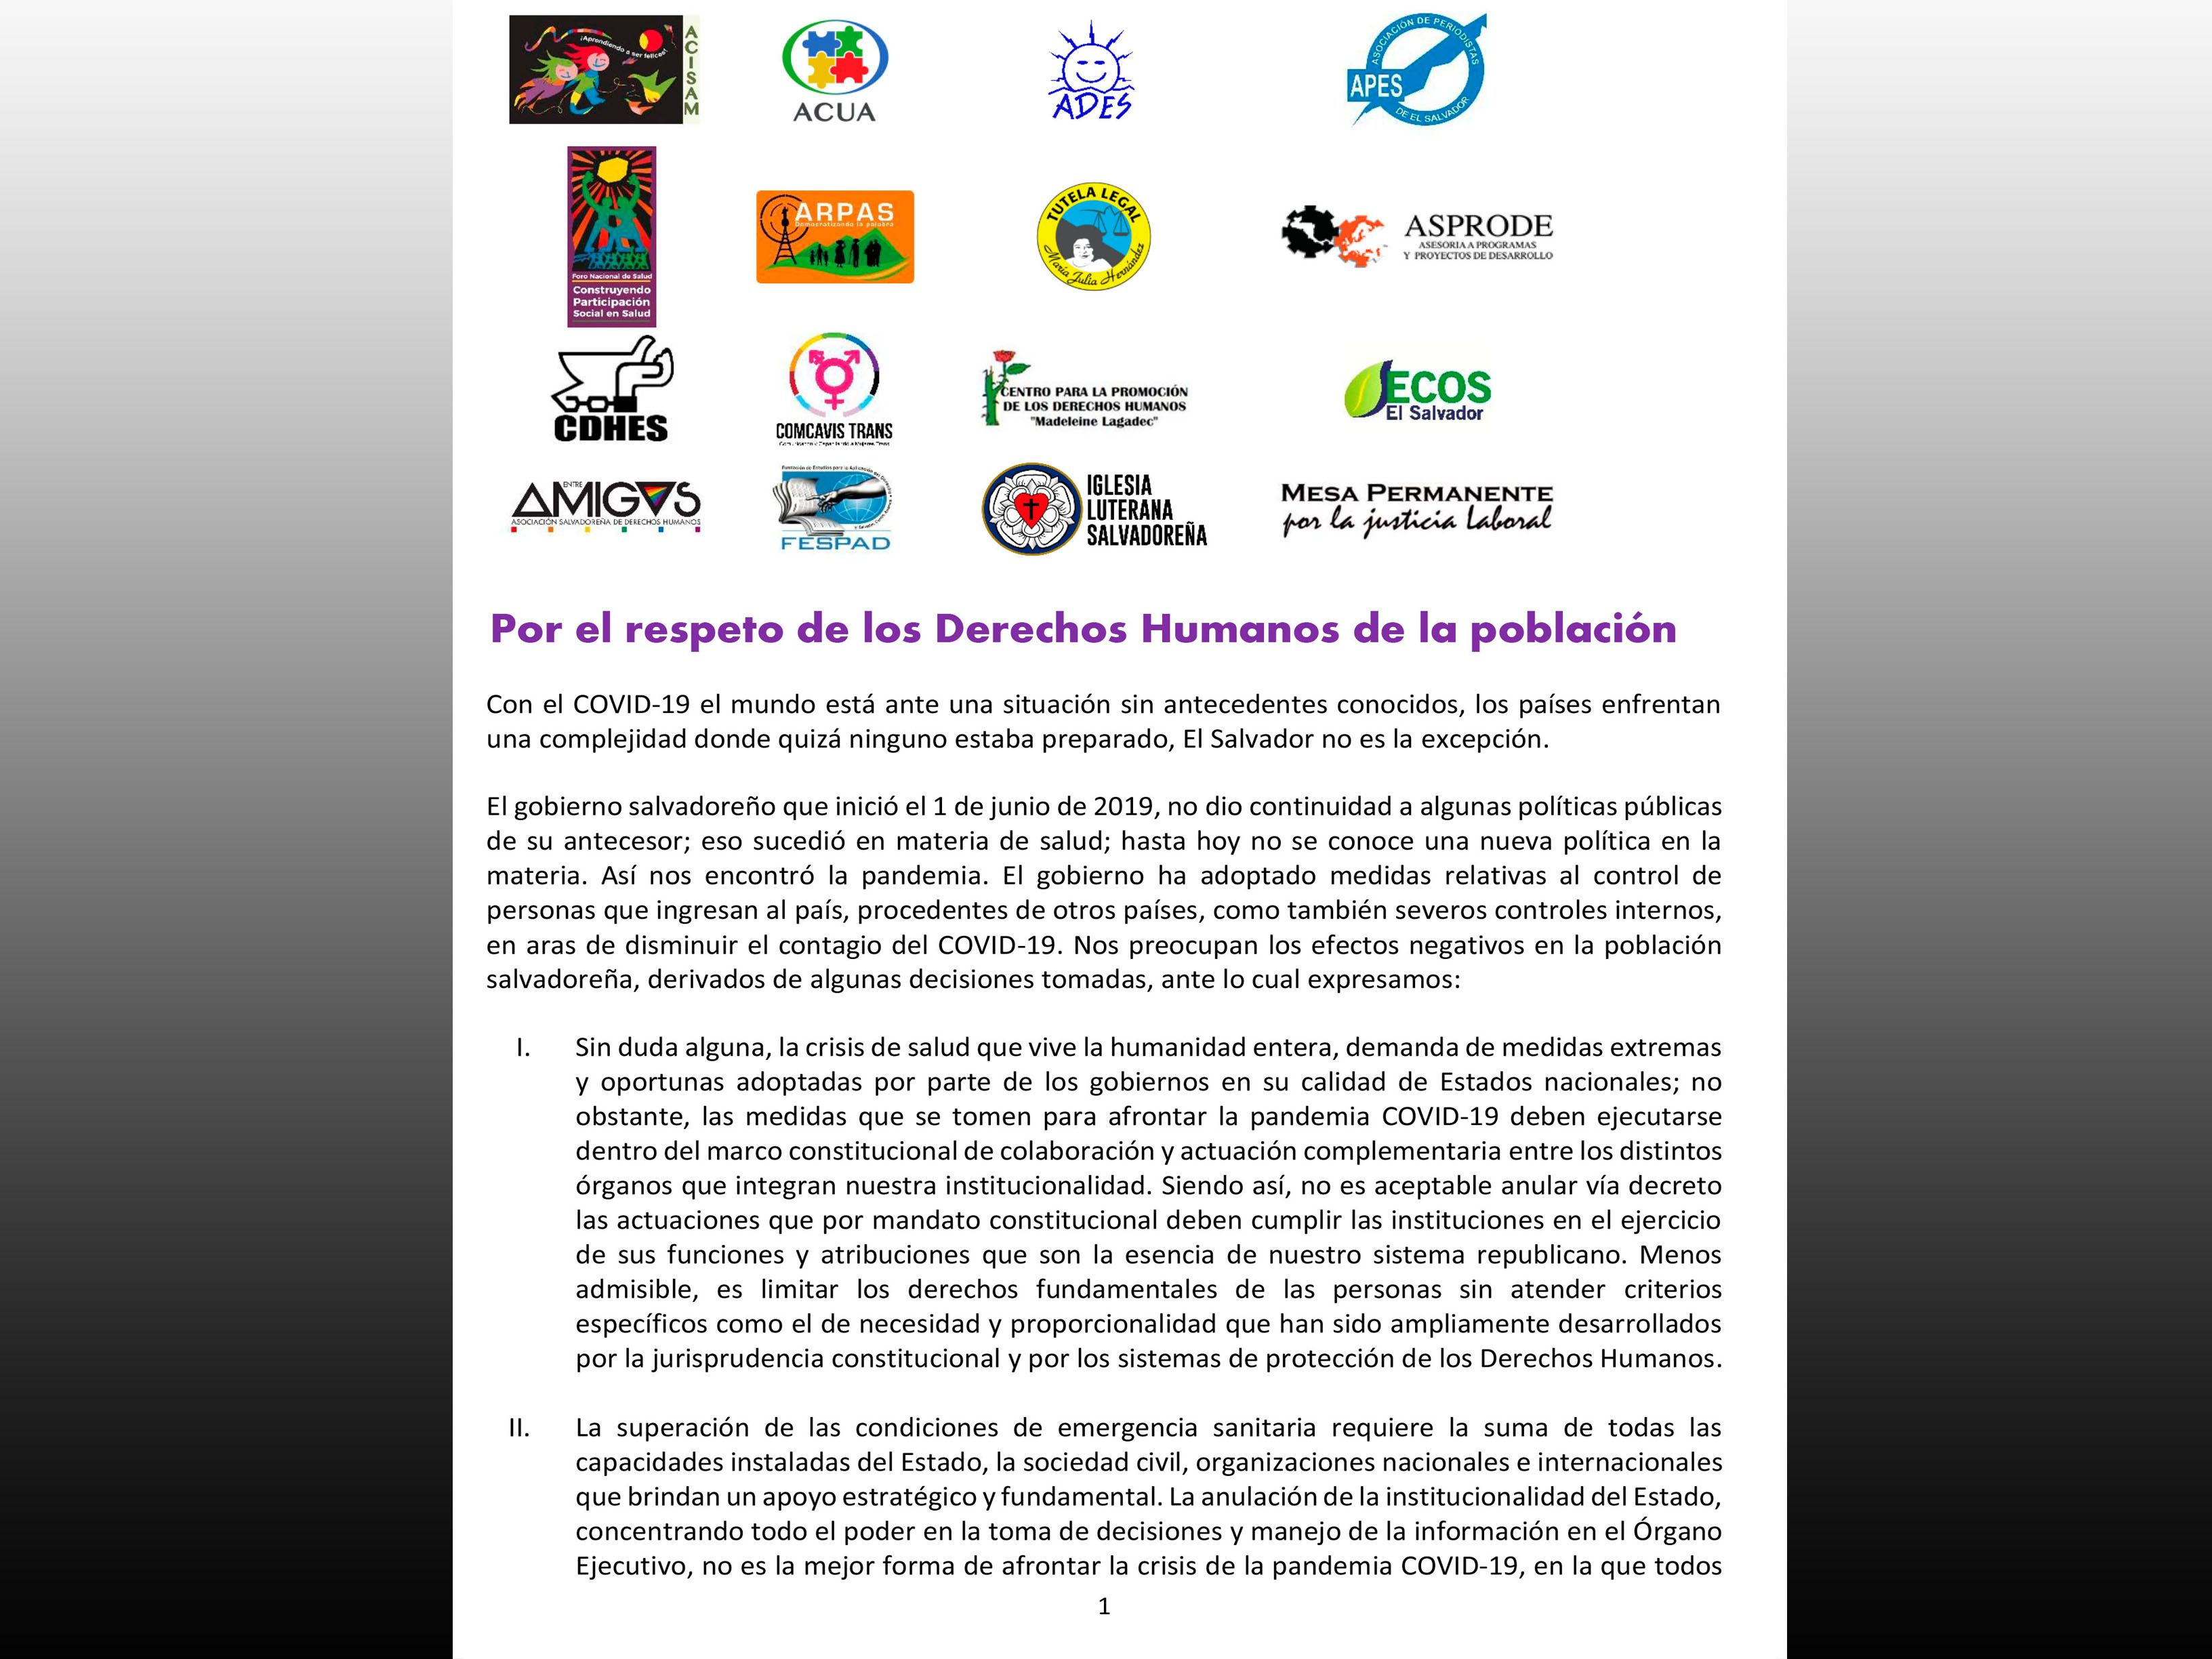 COMUNICADO: Por el respeto de los Derechos Humanos de la población